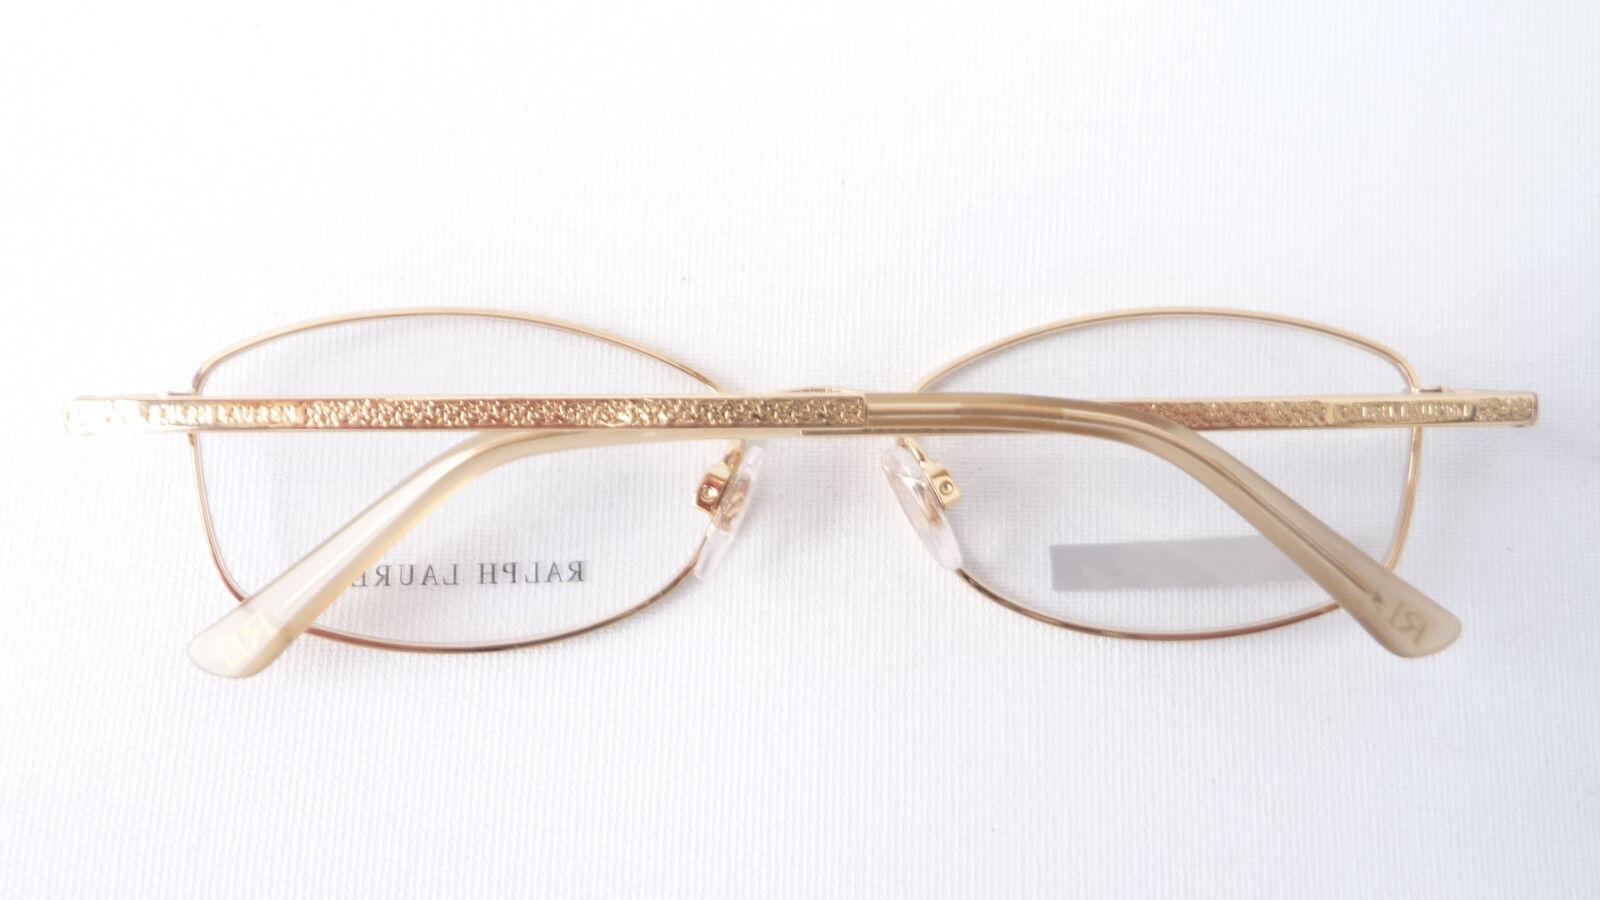 Designer Gestell Luxus Brille Ralph Lauren Gold Metall Damen Damen Damen Brillenfassung Gr M | Der neueste Stil  | Qualität Produkt  | Niedriger Preis und gute Qualität  ef760a